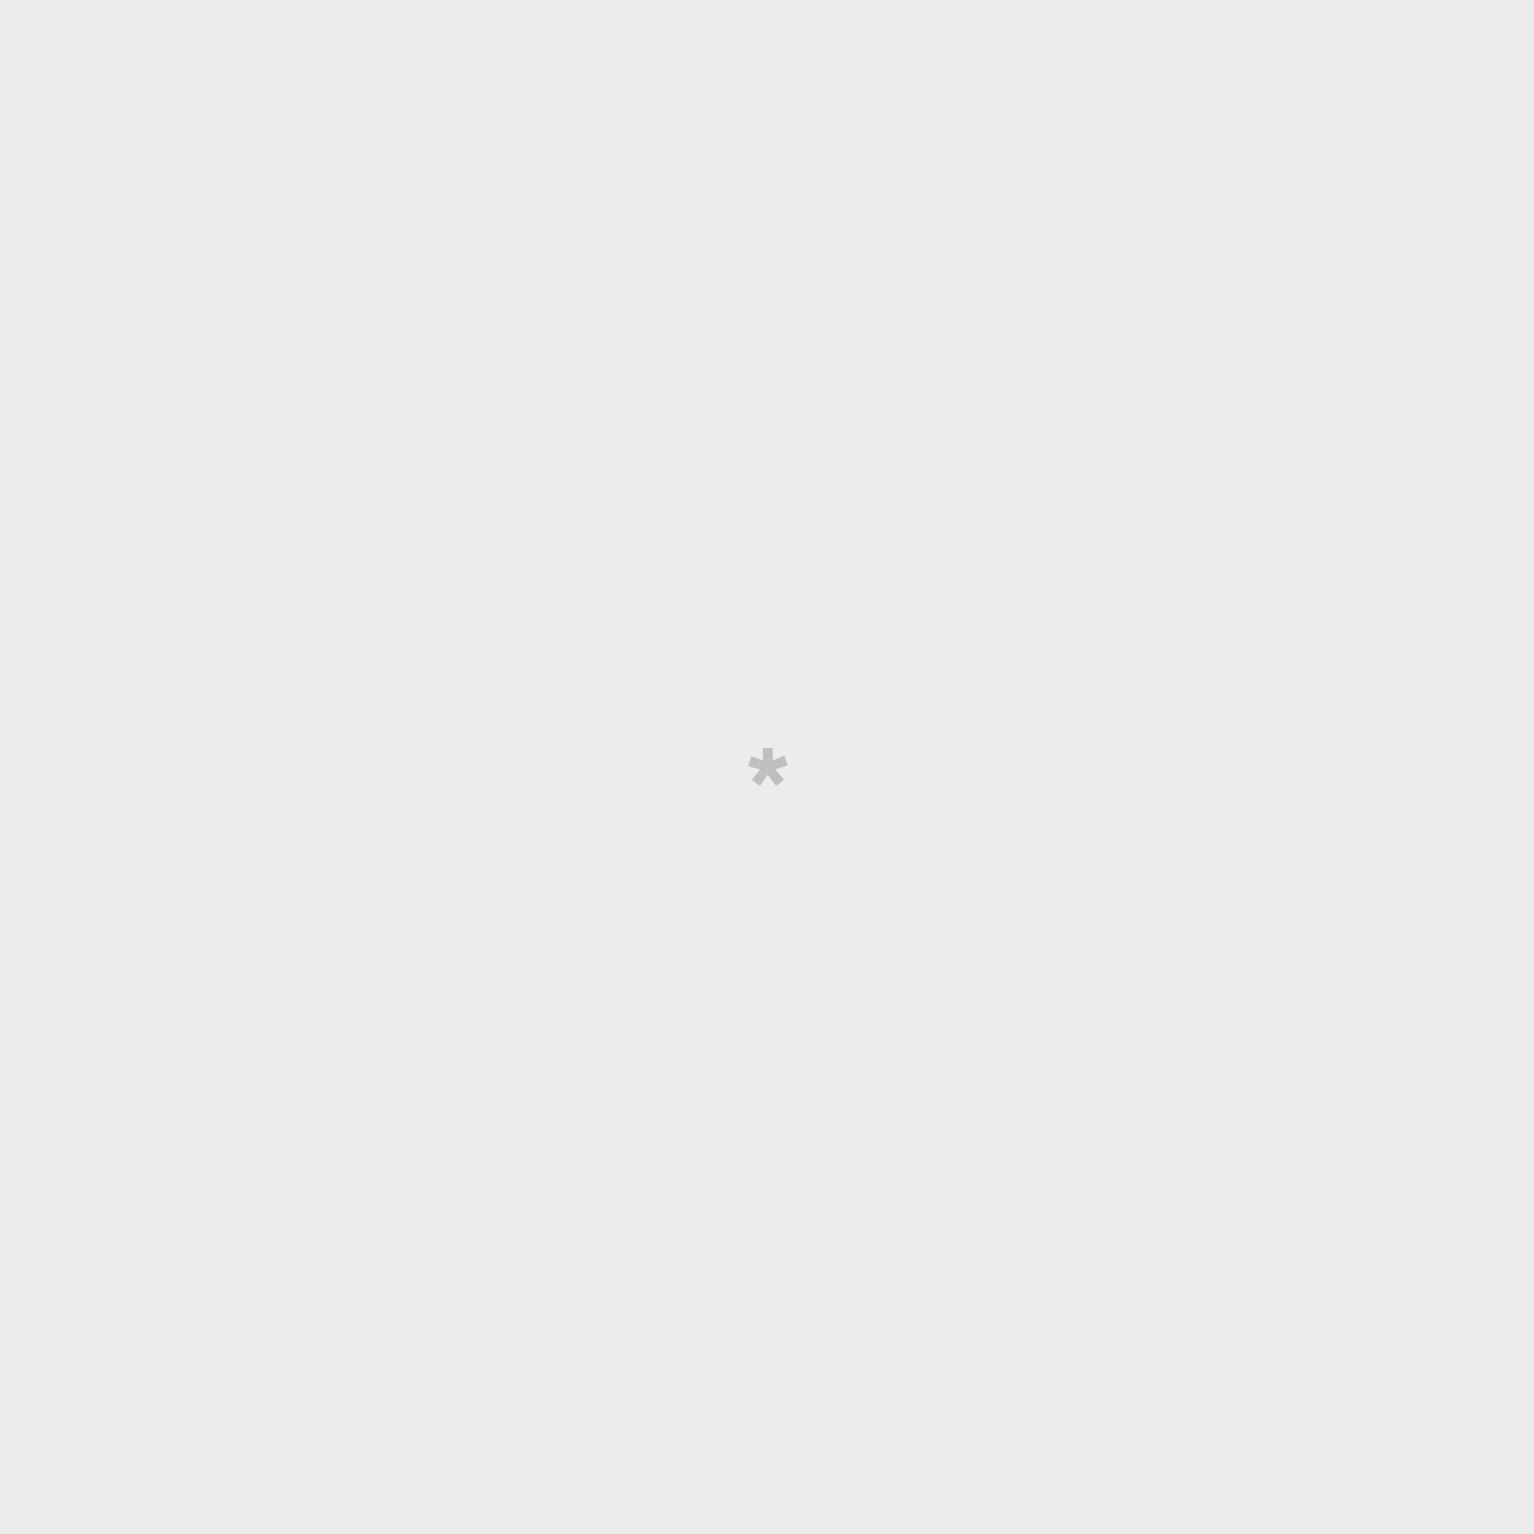 Organizador para cables - Dream big & travel far